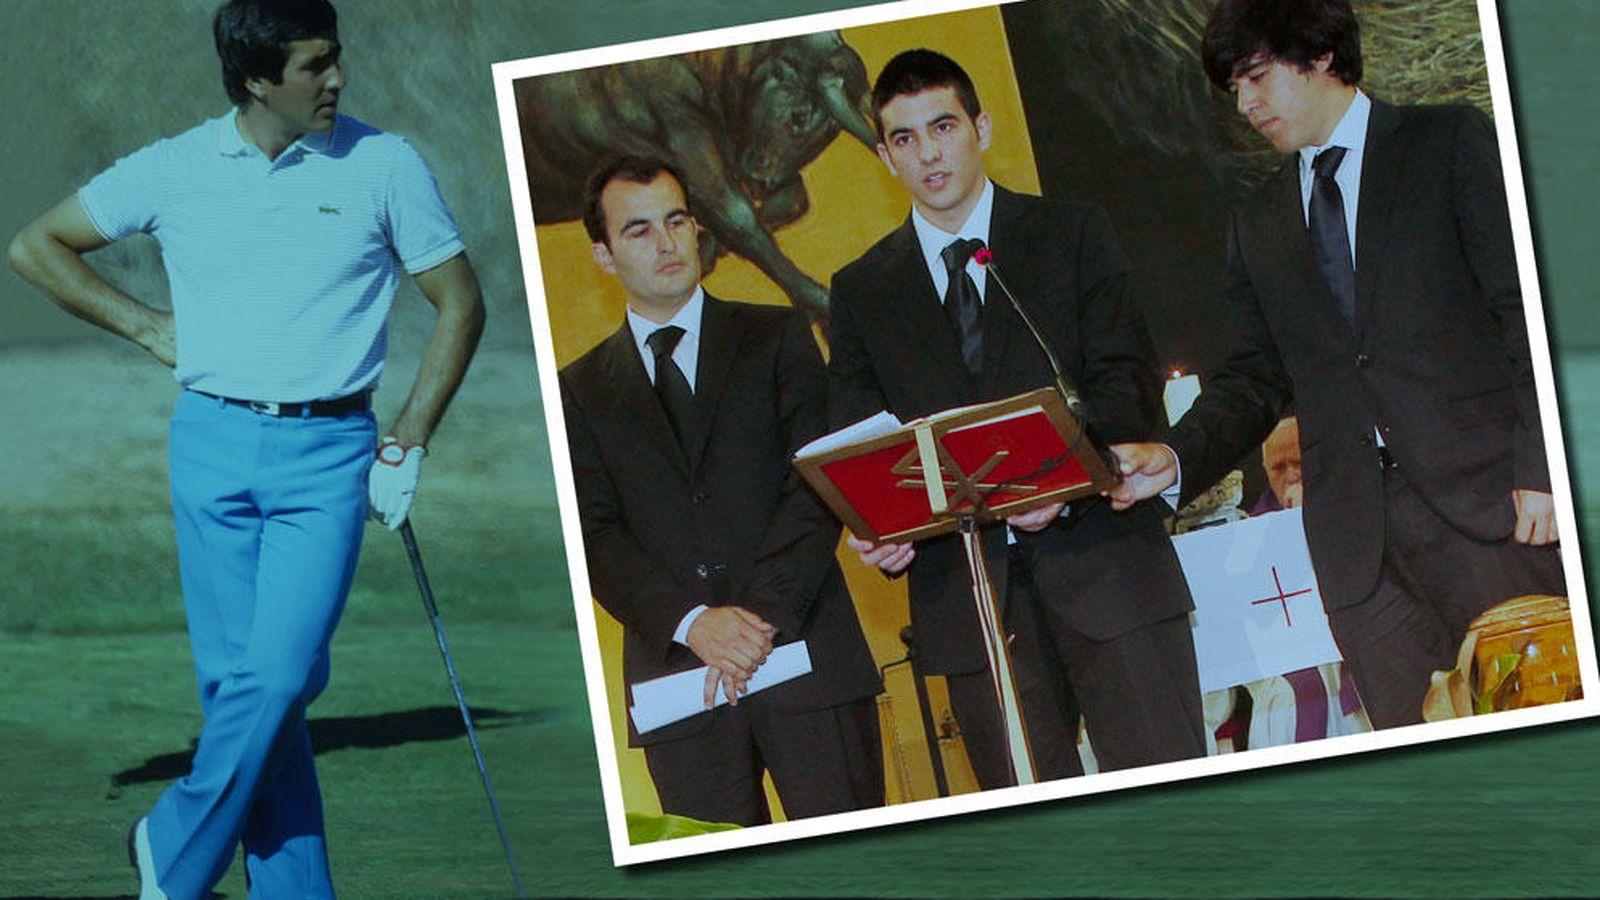 Foto: Severiano Ballesteros y sus tres hijos (Fotomontaje de Vanitatis)